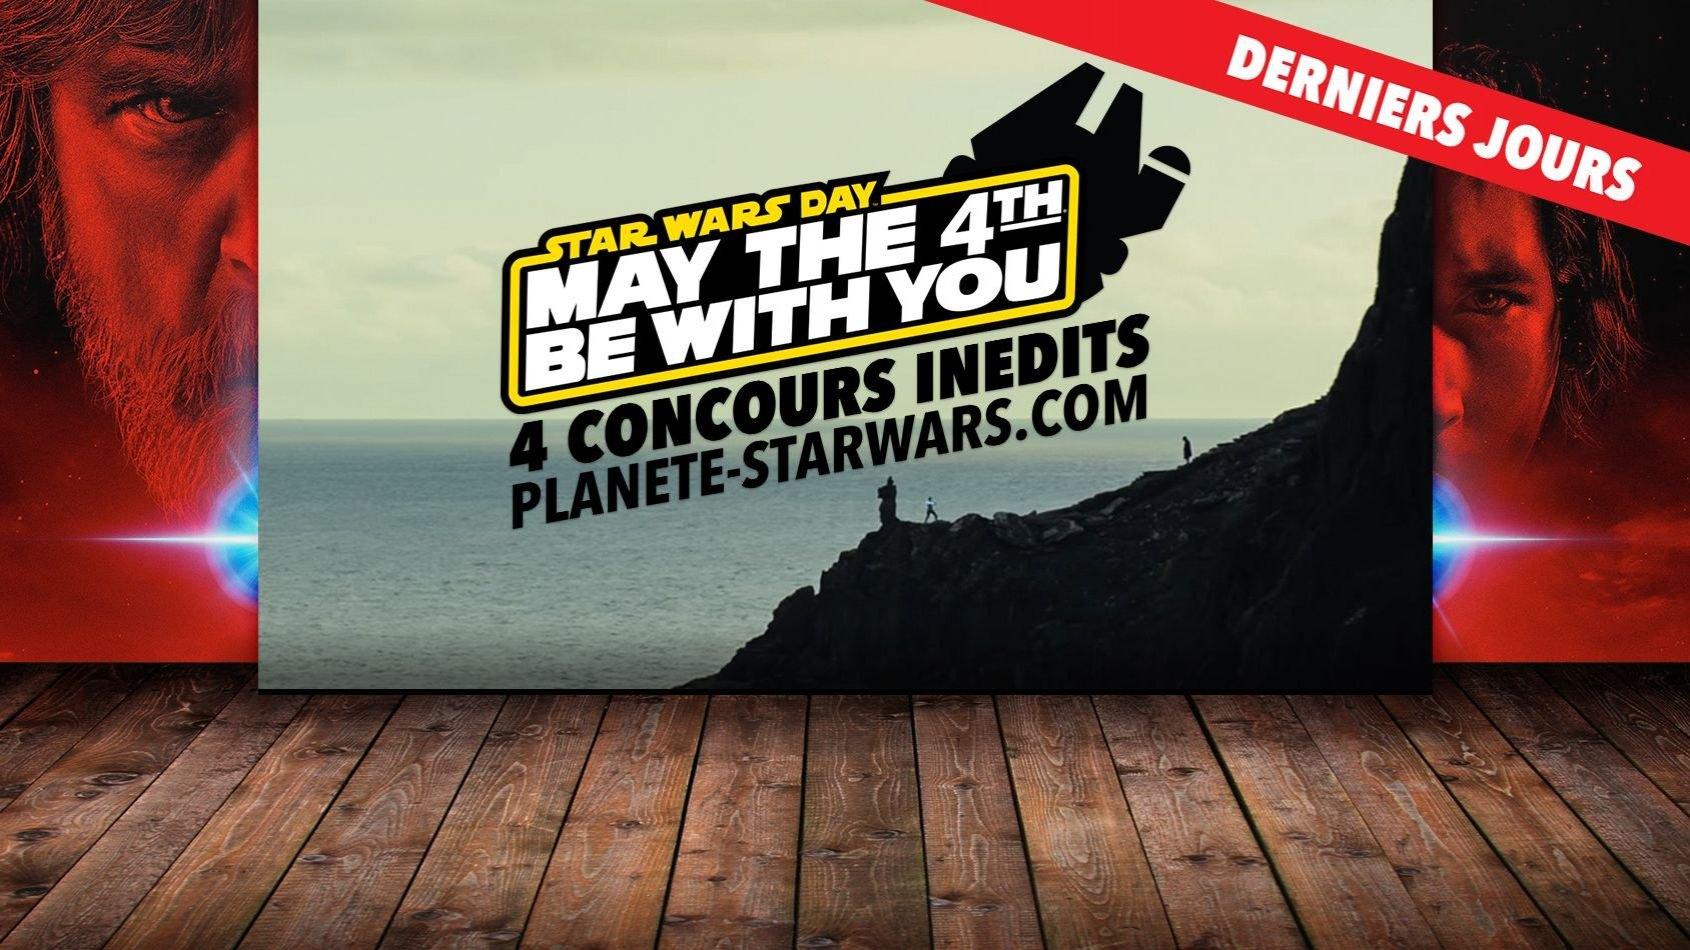 Derniers jours pour les 4 Concours Inédits Star Wars